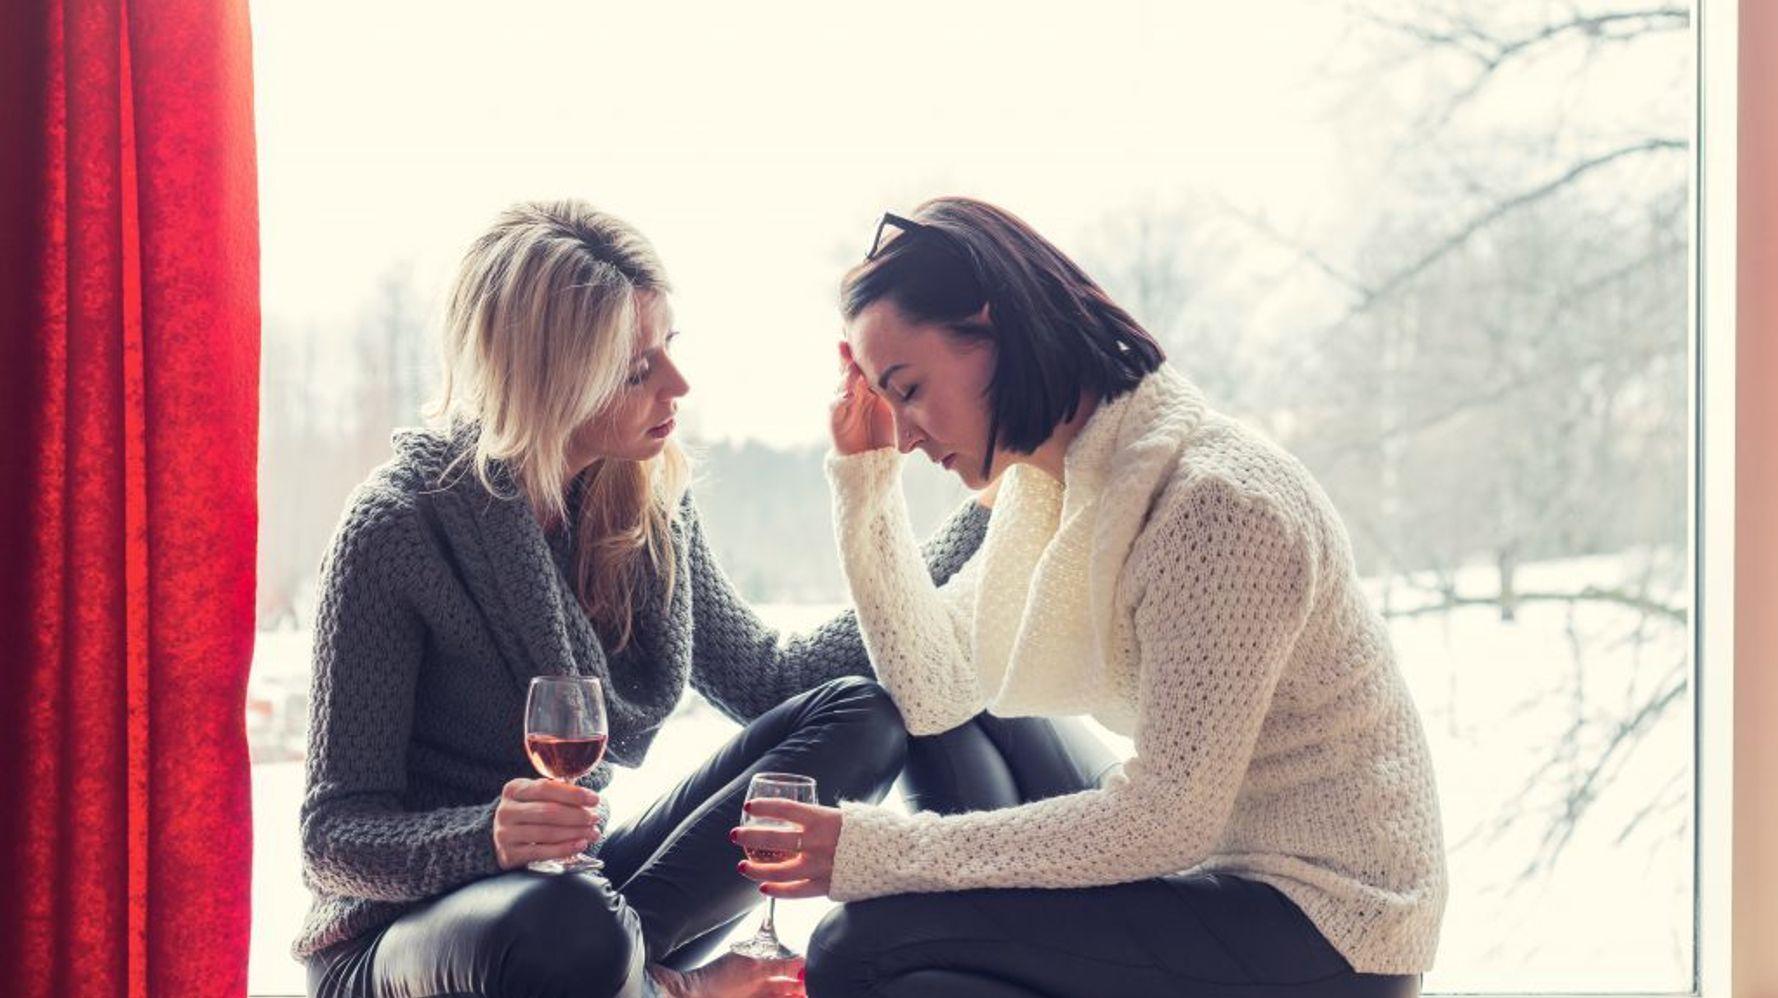 Как говорить об отношениях? правила безопасности при откровенном разговоре